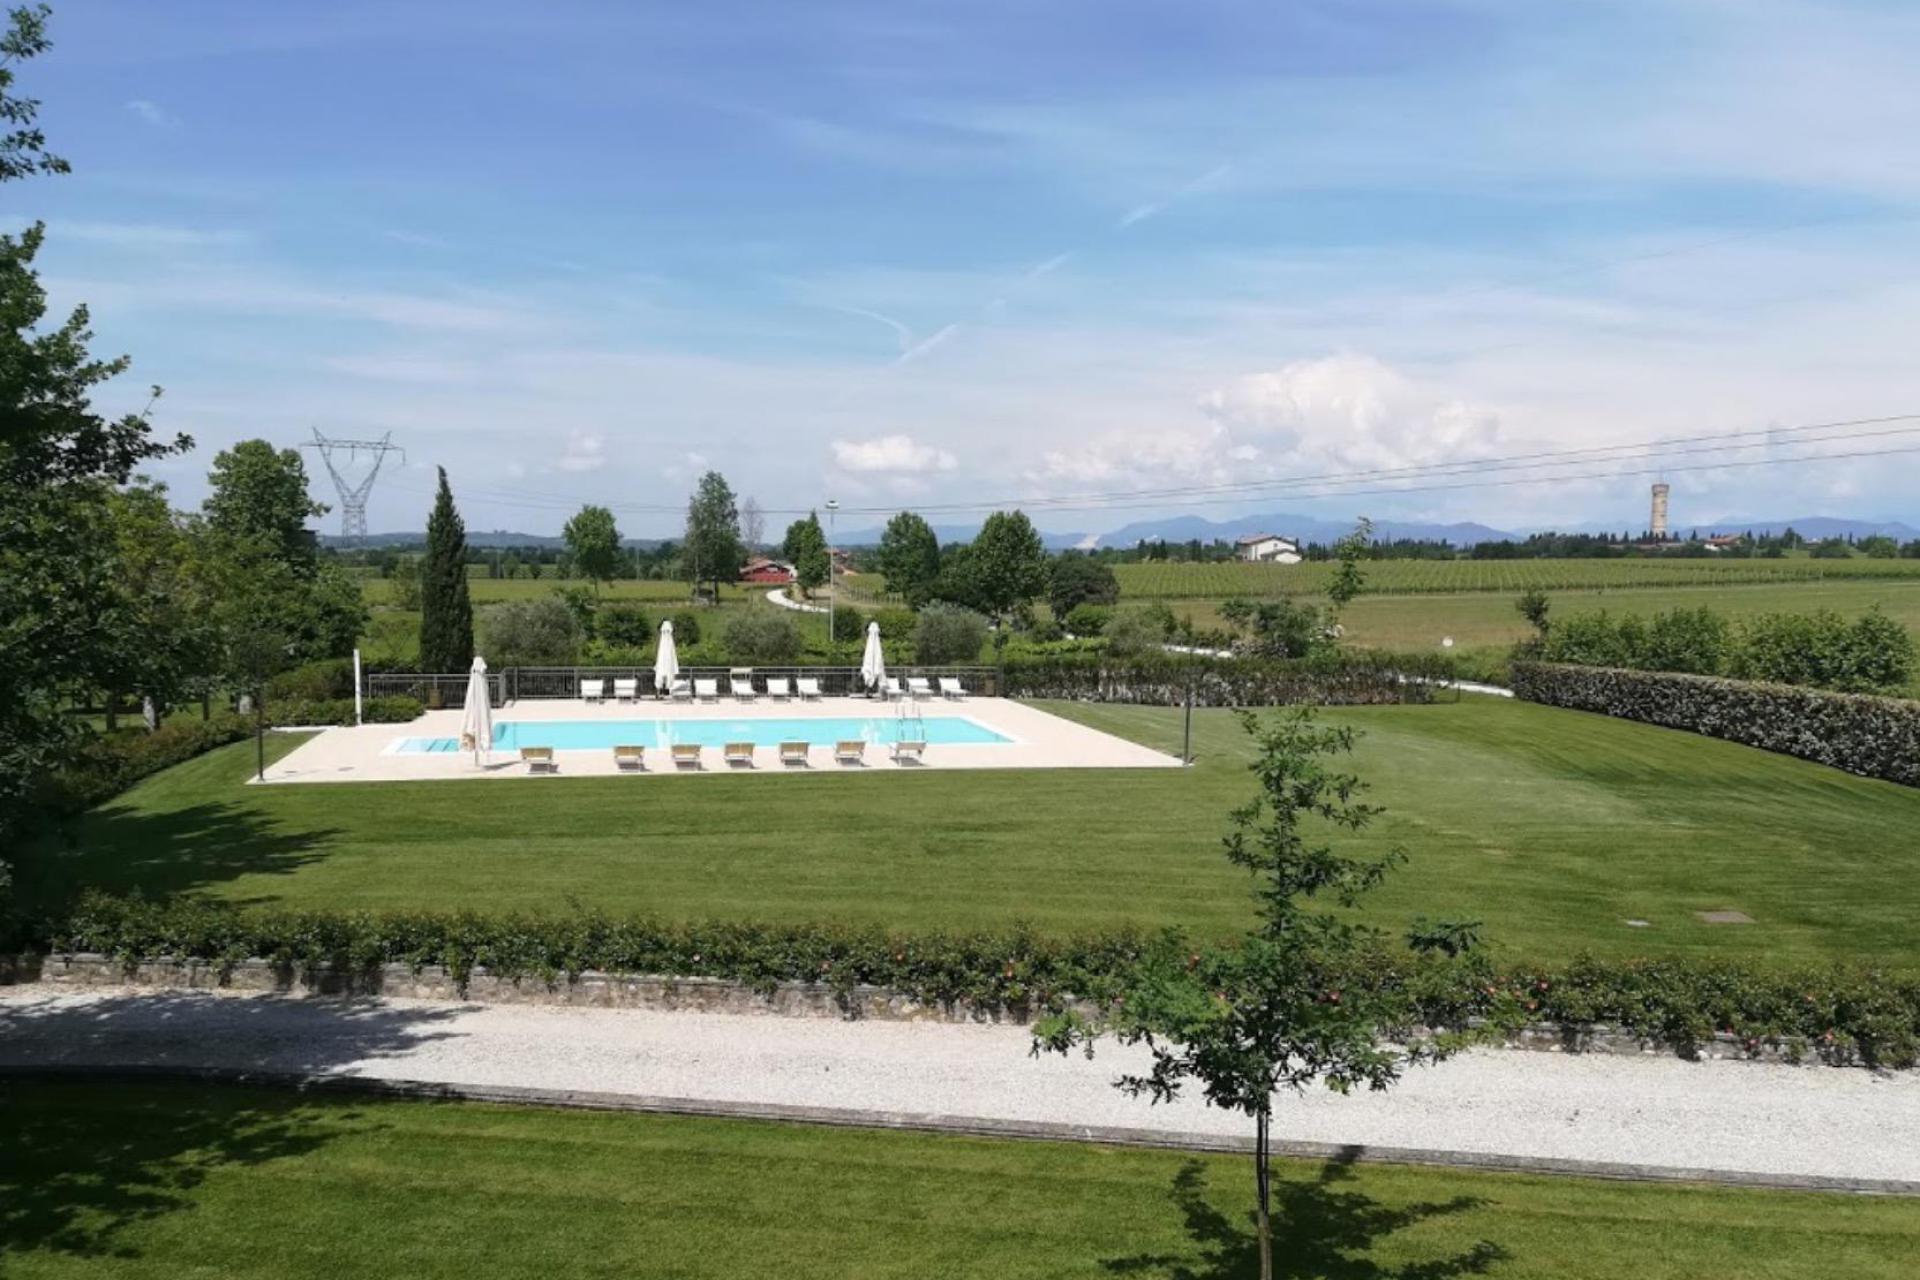 Agriturismo Comer See und Gardasee Agriturismo in der Nähe eines Golfplatzes - Gardasee | myitalyselection.de